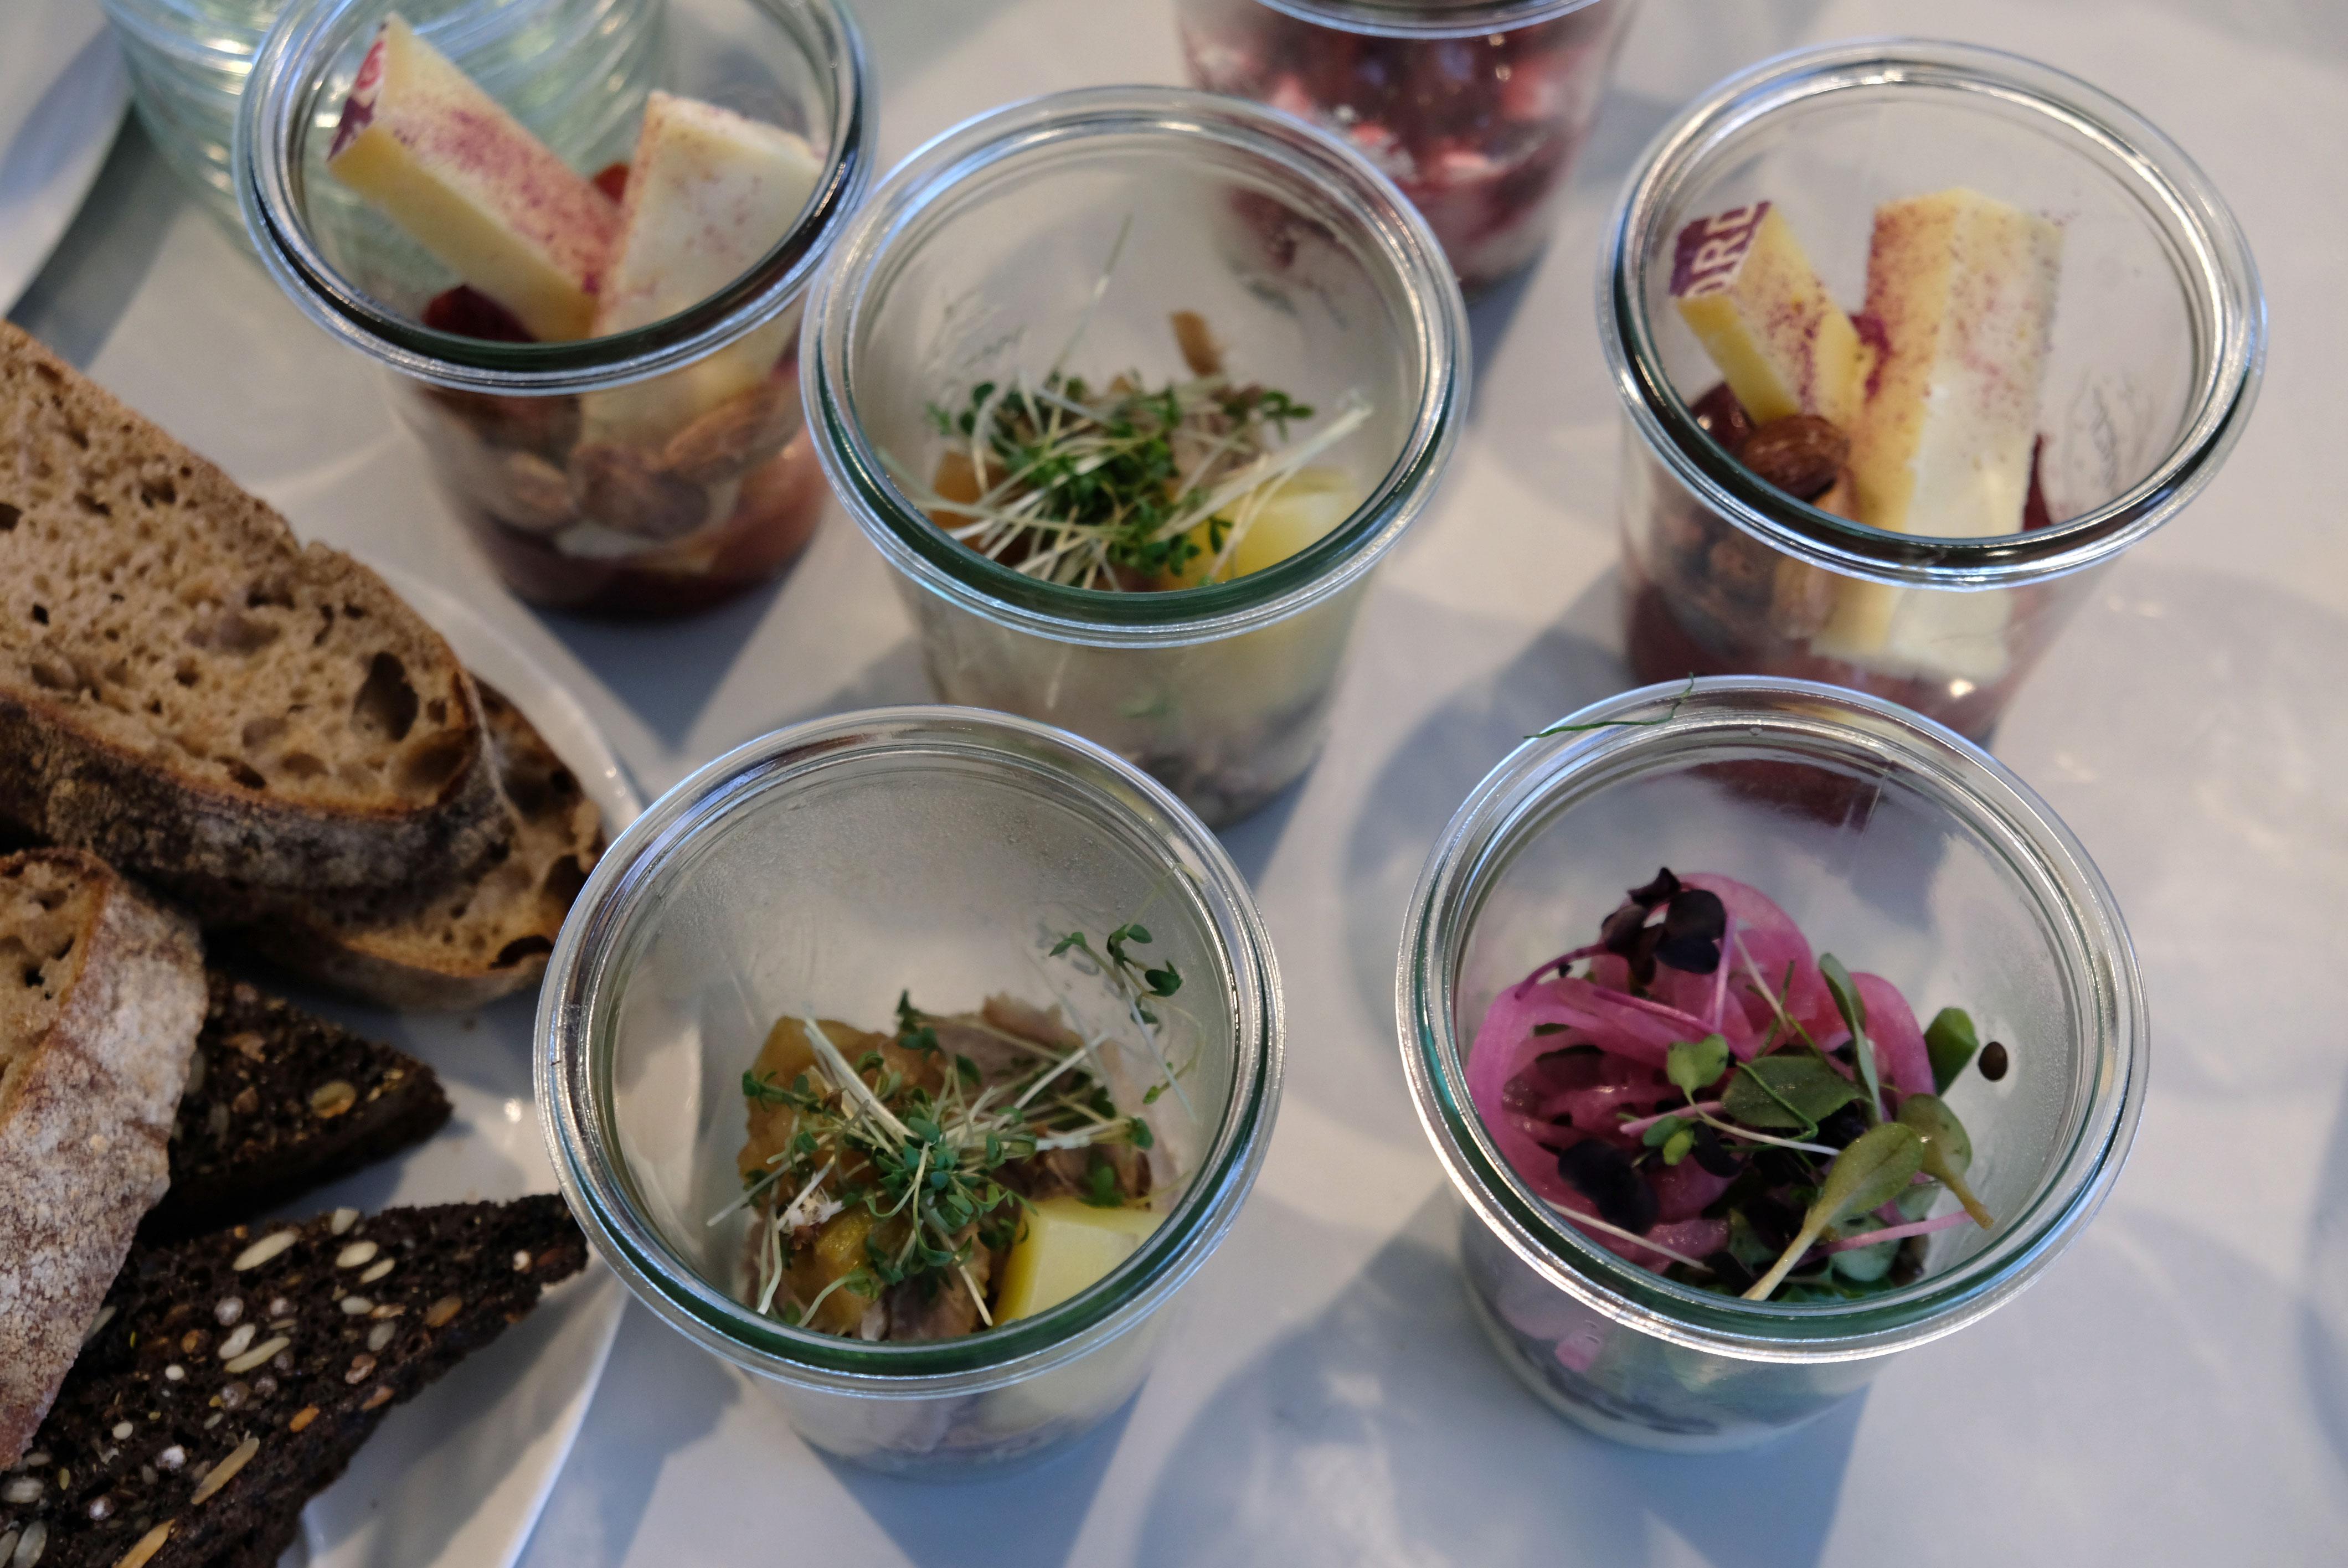 Aarhus_Foodtastic_DSCF9333